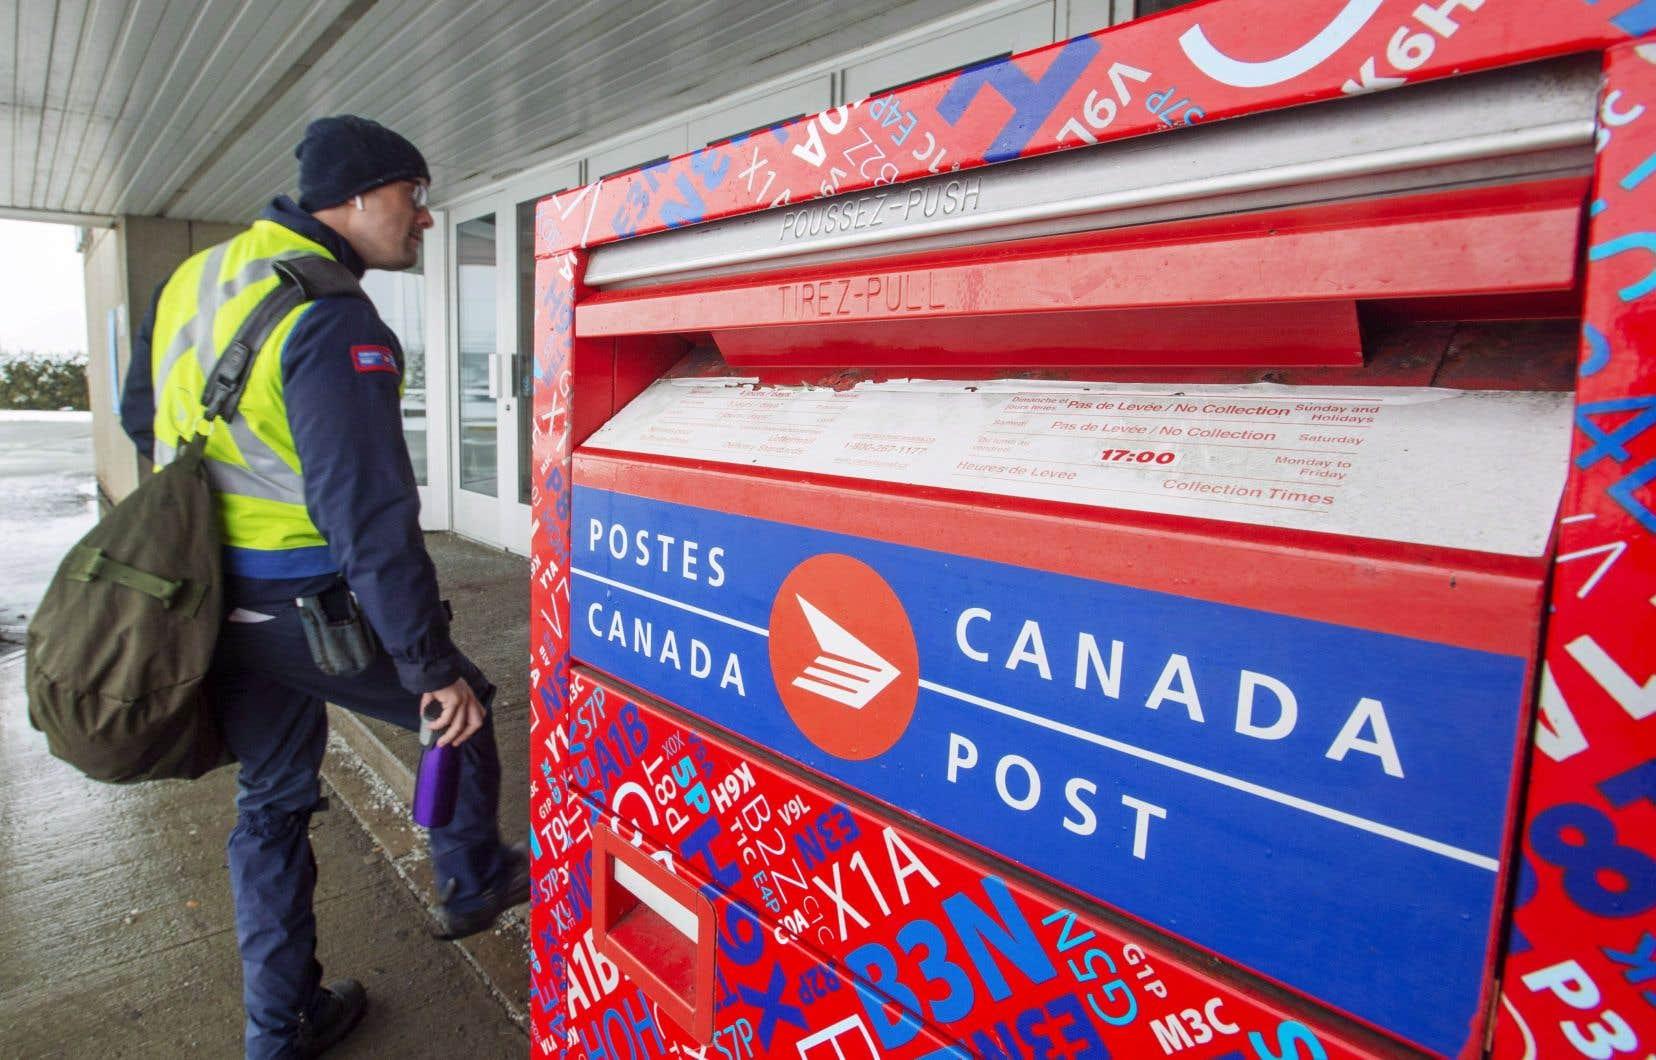 À l'échelle du pays. les comptoirs postaux connaissent «une hausse sans précédent des ventes de timbres et de fournitures et services d'expédition», confirme Postes Canada.